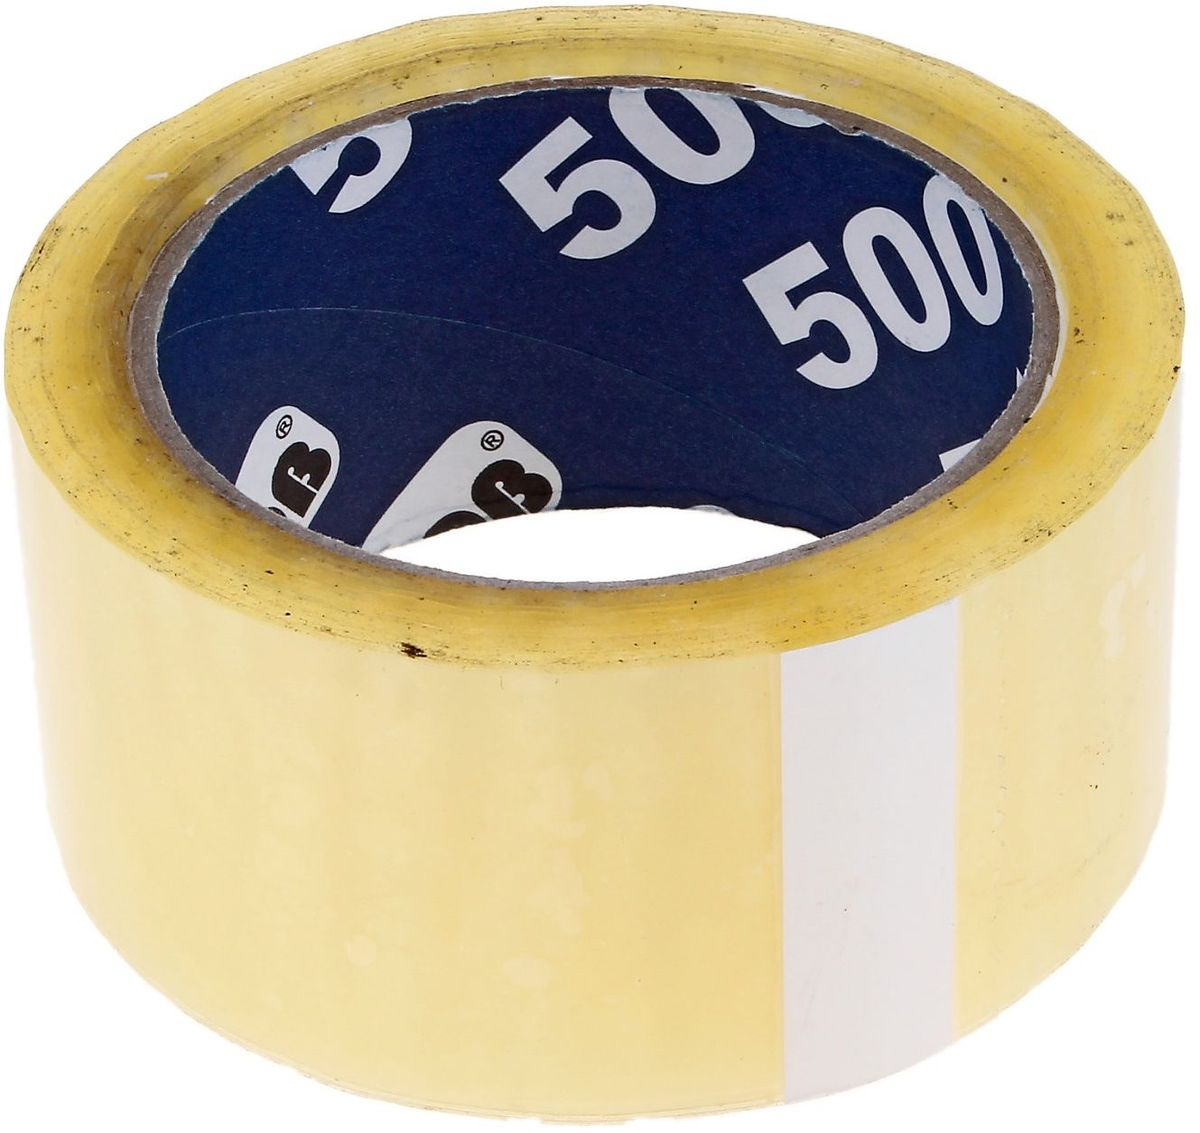 Клейкая лента 48 мм х 66 м цвет прозрачный мой выбор клейкая лента 48 мм х 66 м цвет прозрачный